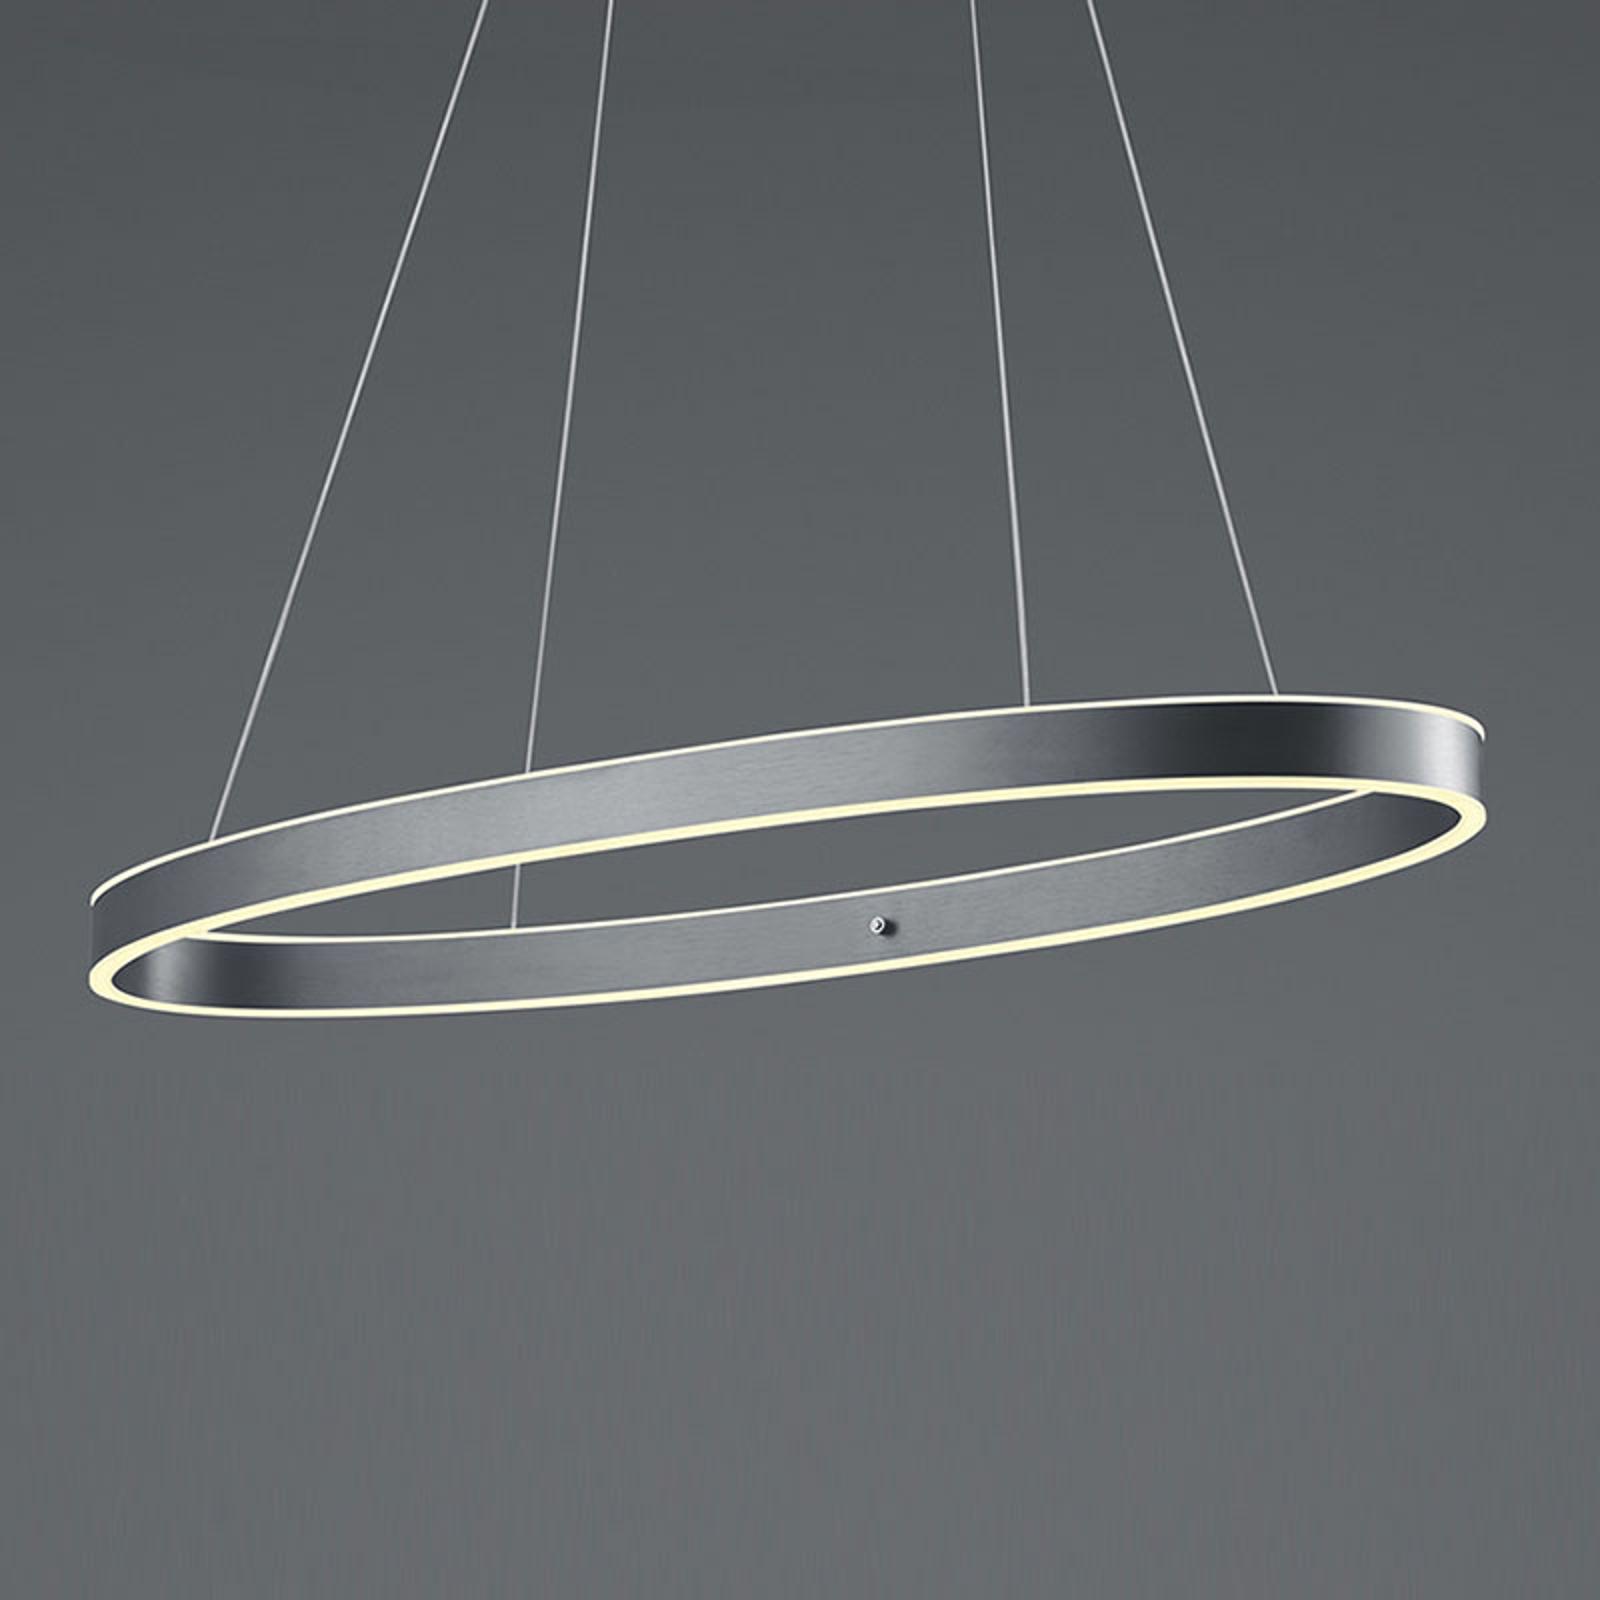 B-Leuchten Delta lampa wisząca LED, antracyt